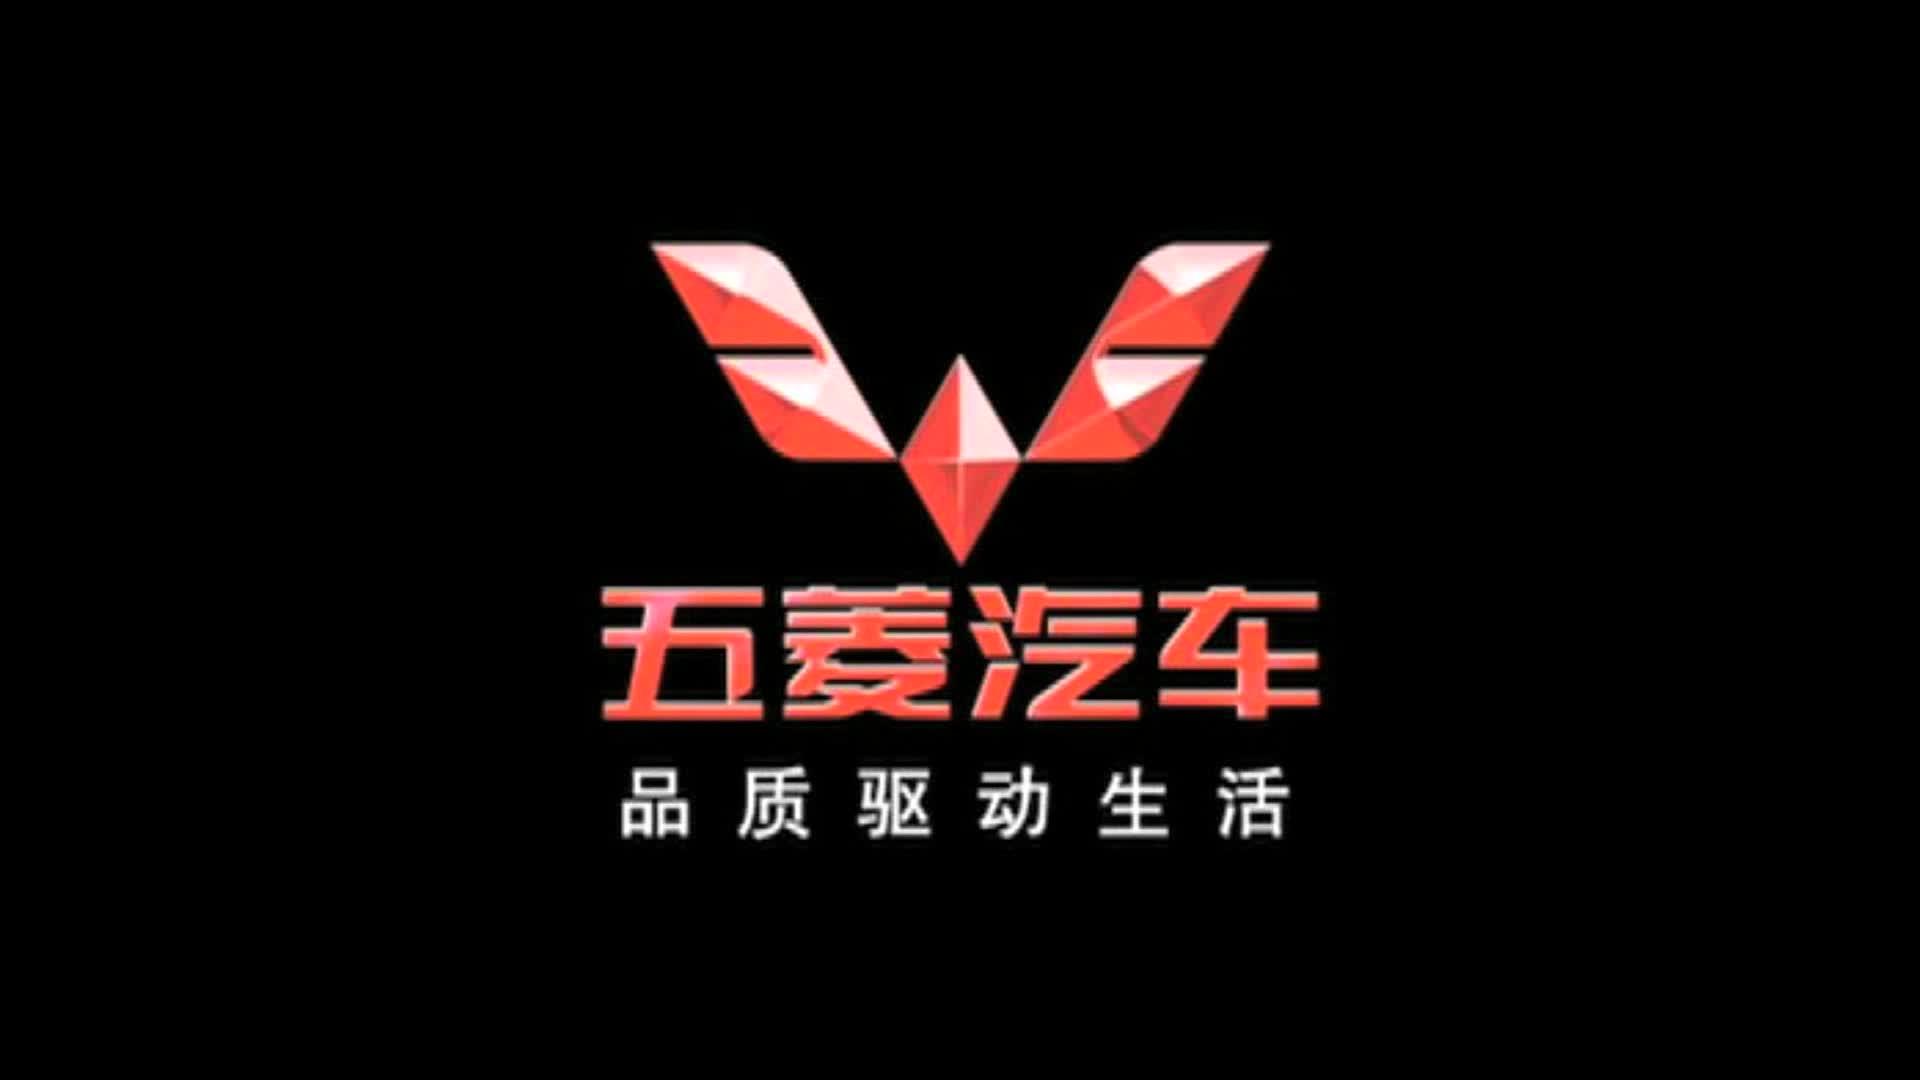 五菱logo矢量图